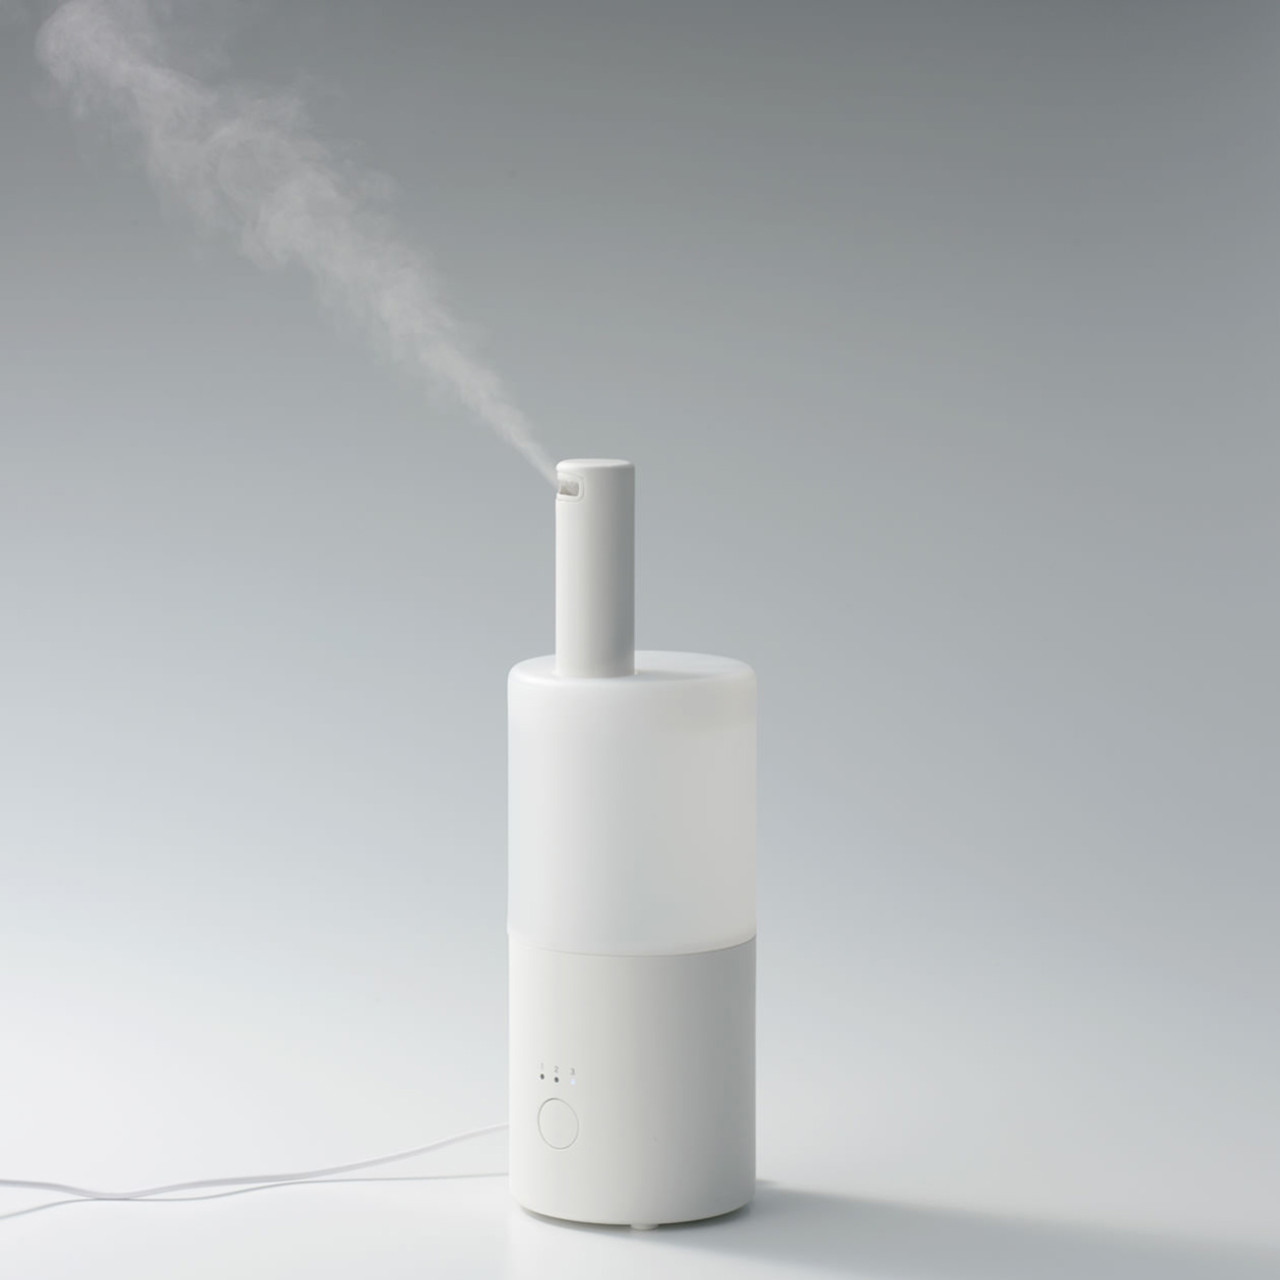 The Ultrasonic Muji Humidifier By Kazushige Miyake